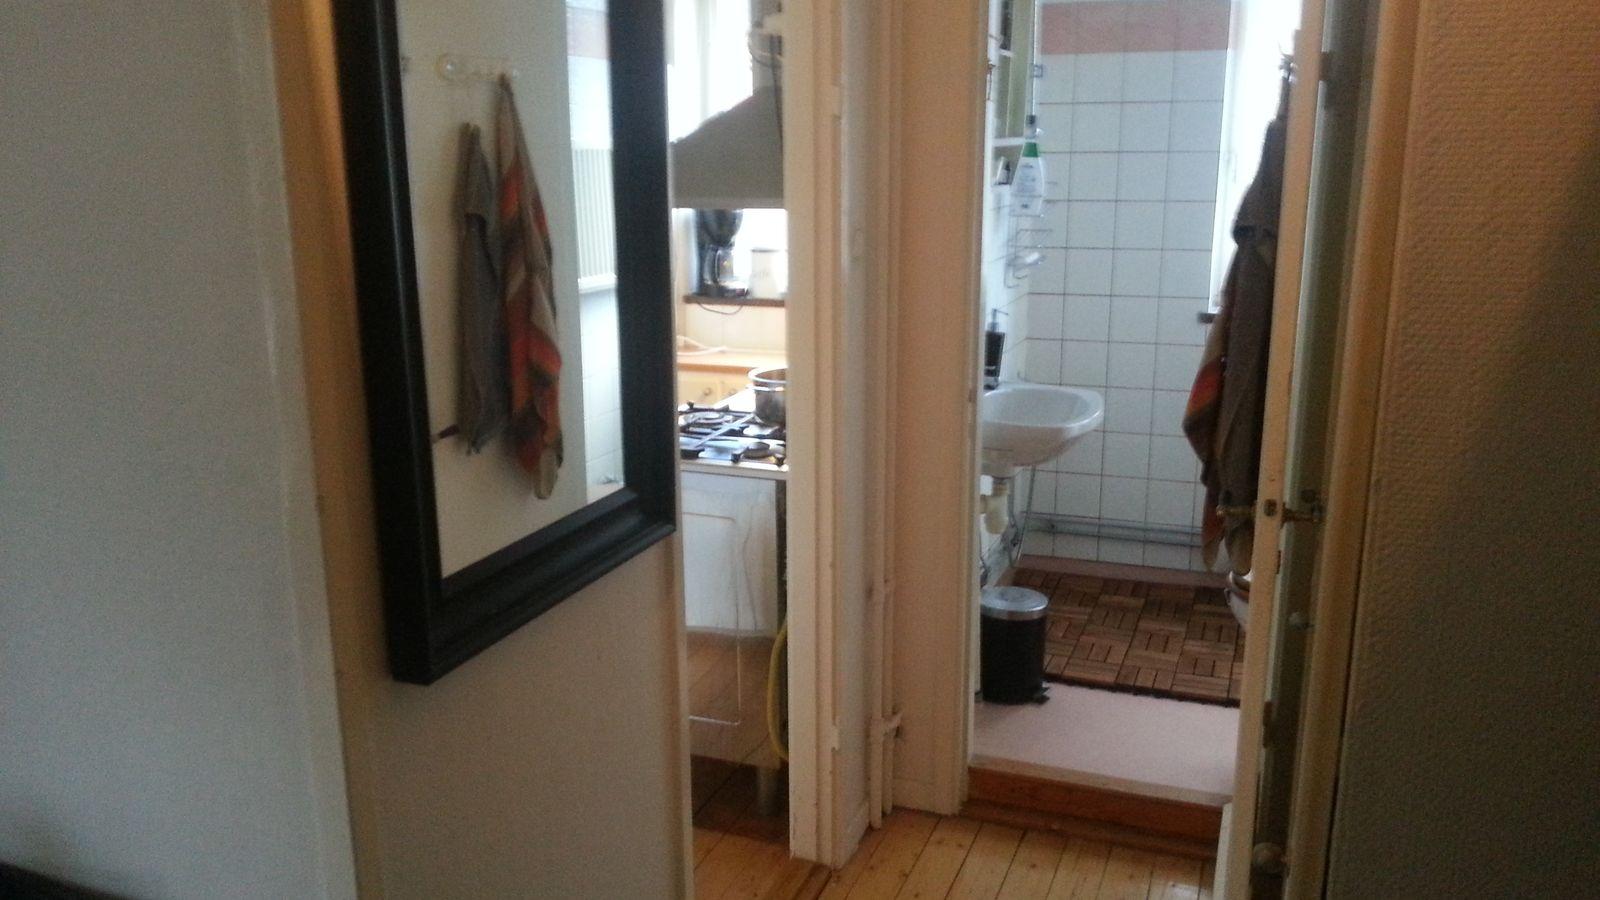 Ledig lägenhet i Stockholm